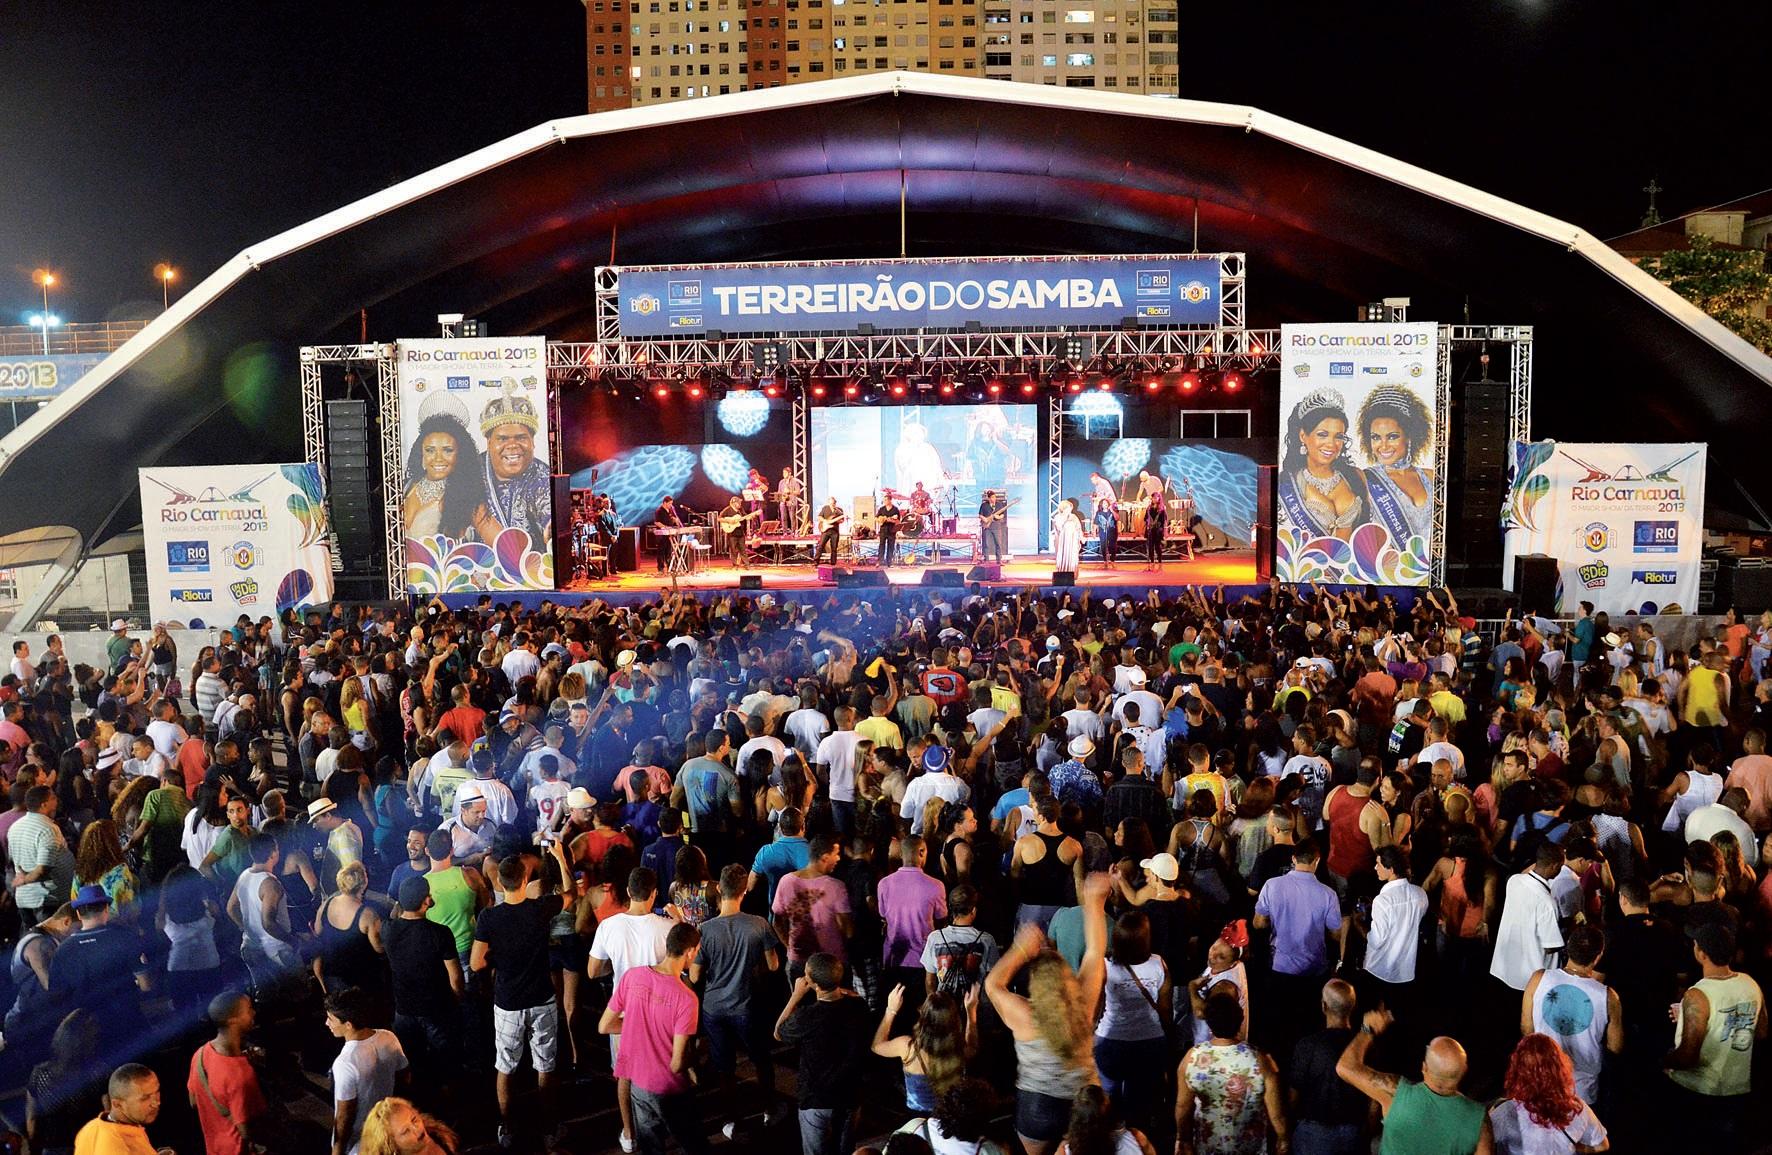 MANUAL DO ROLÉ – Terreirão do samba: Diversão garantida